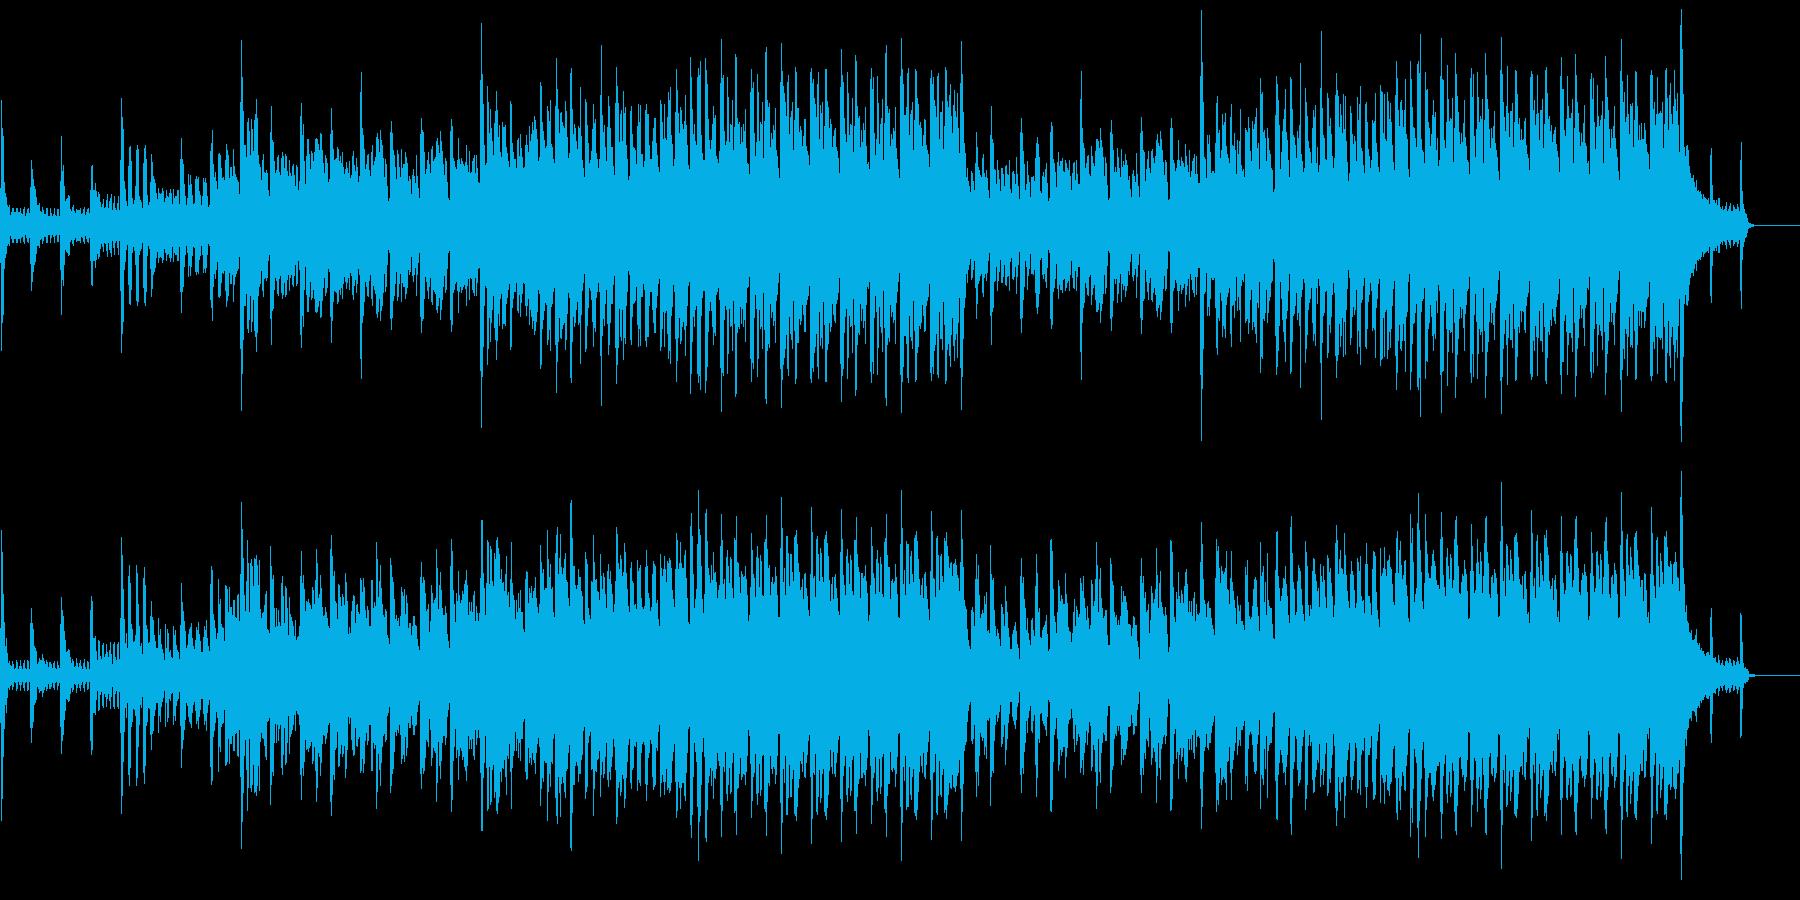 ストリングスとピアノの爽やかBGMの再生済みの波形